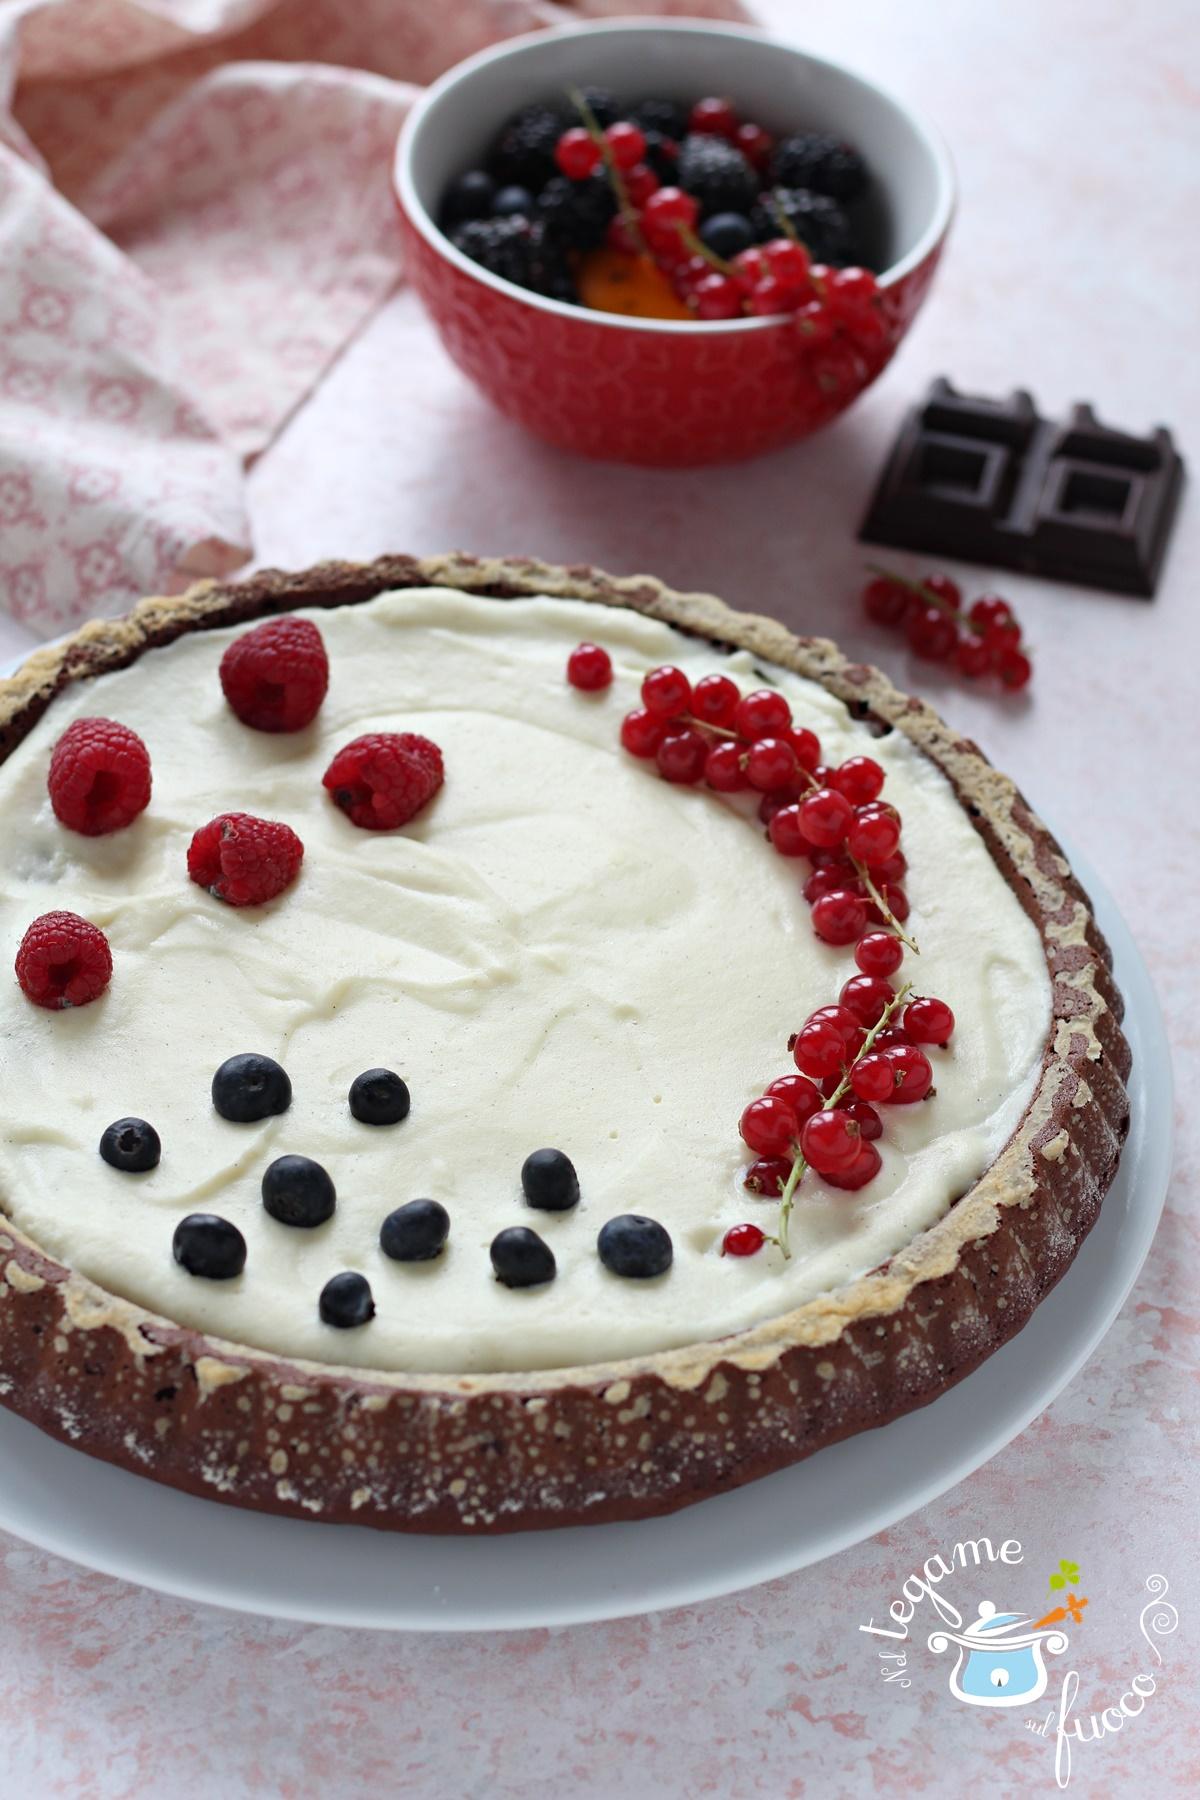 Torta al Cioccolato Senza Zuccheri con Crema e Frutti Rossi